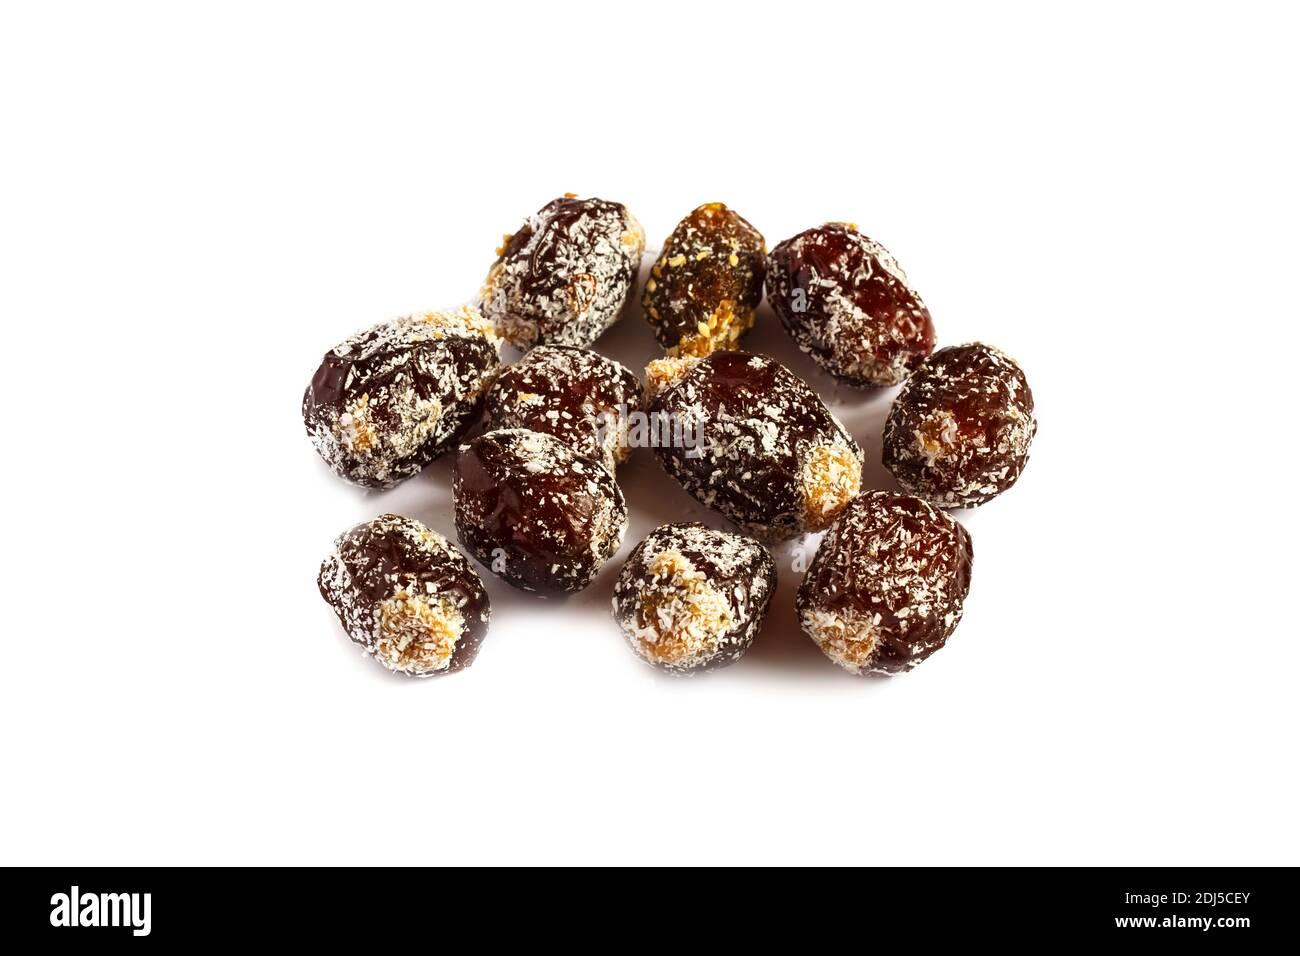 Dattes piquées isolées sur fond blanc. Dattes remplies de beurre d'arachide et parsemées de flocons de noix de coco Banque D'Images